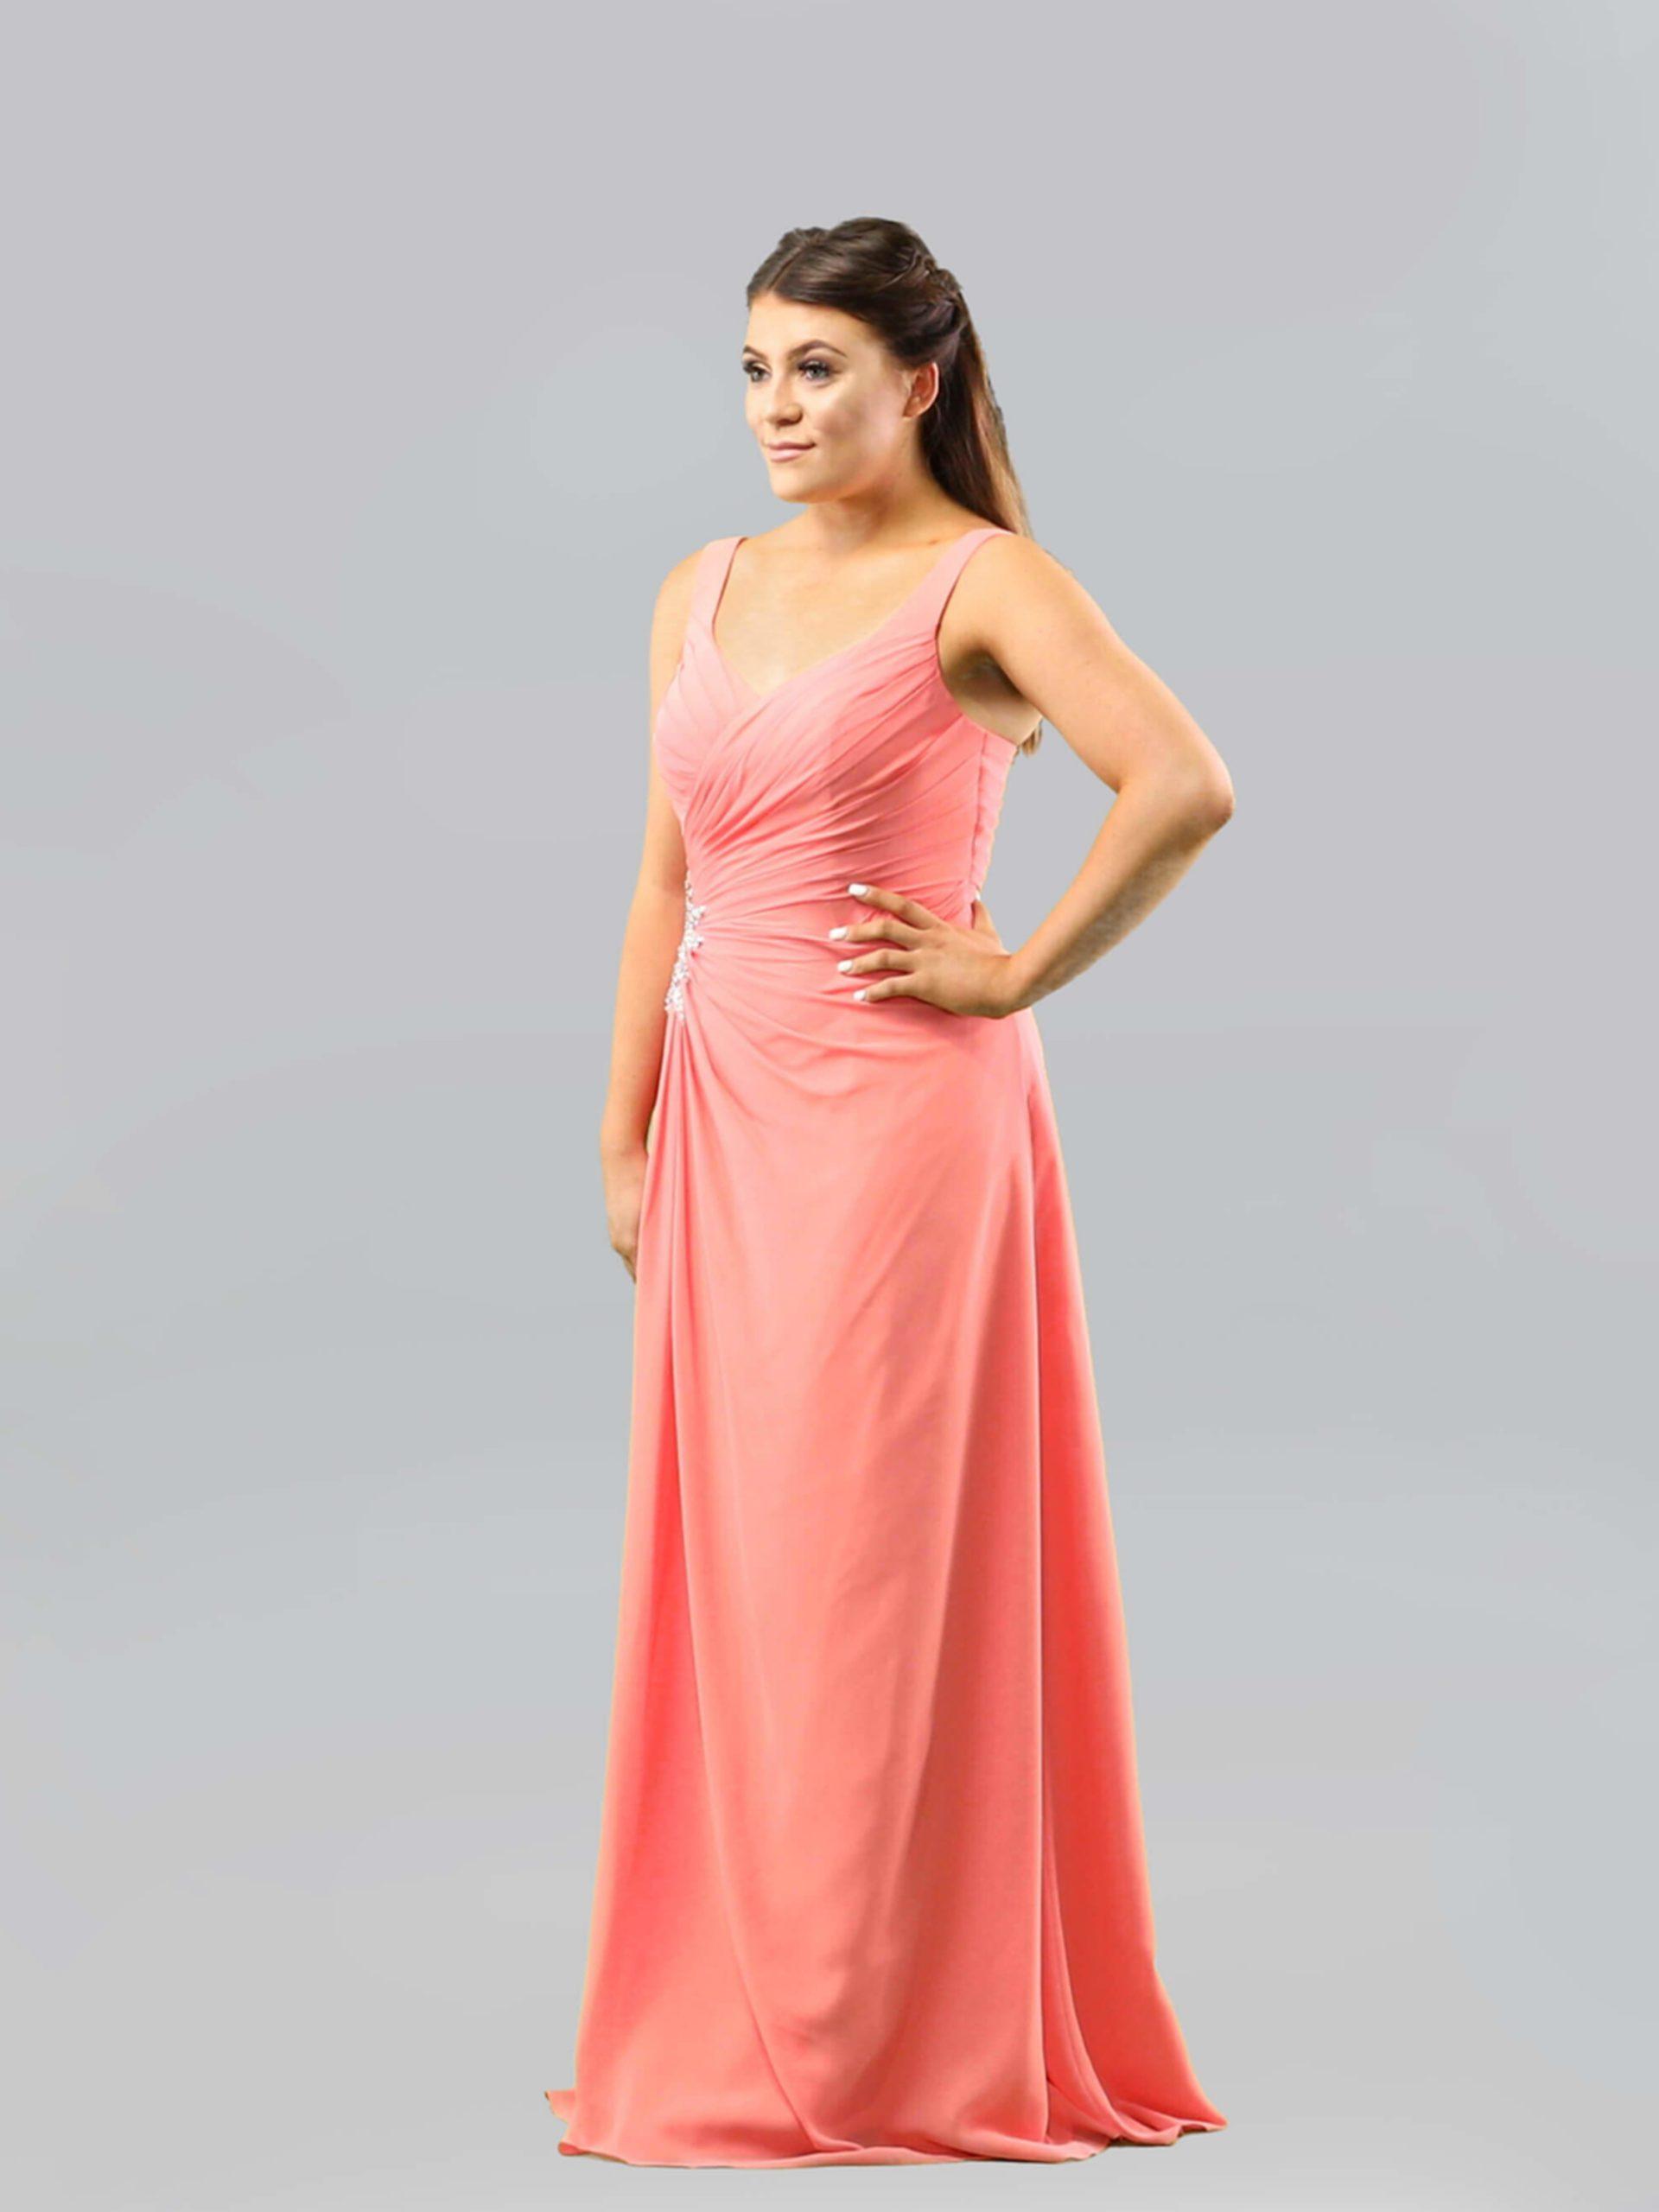 MAB05-coral chiffon bridesmaid dress 1